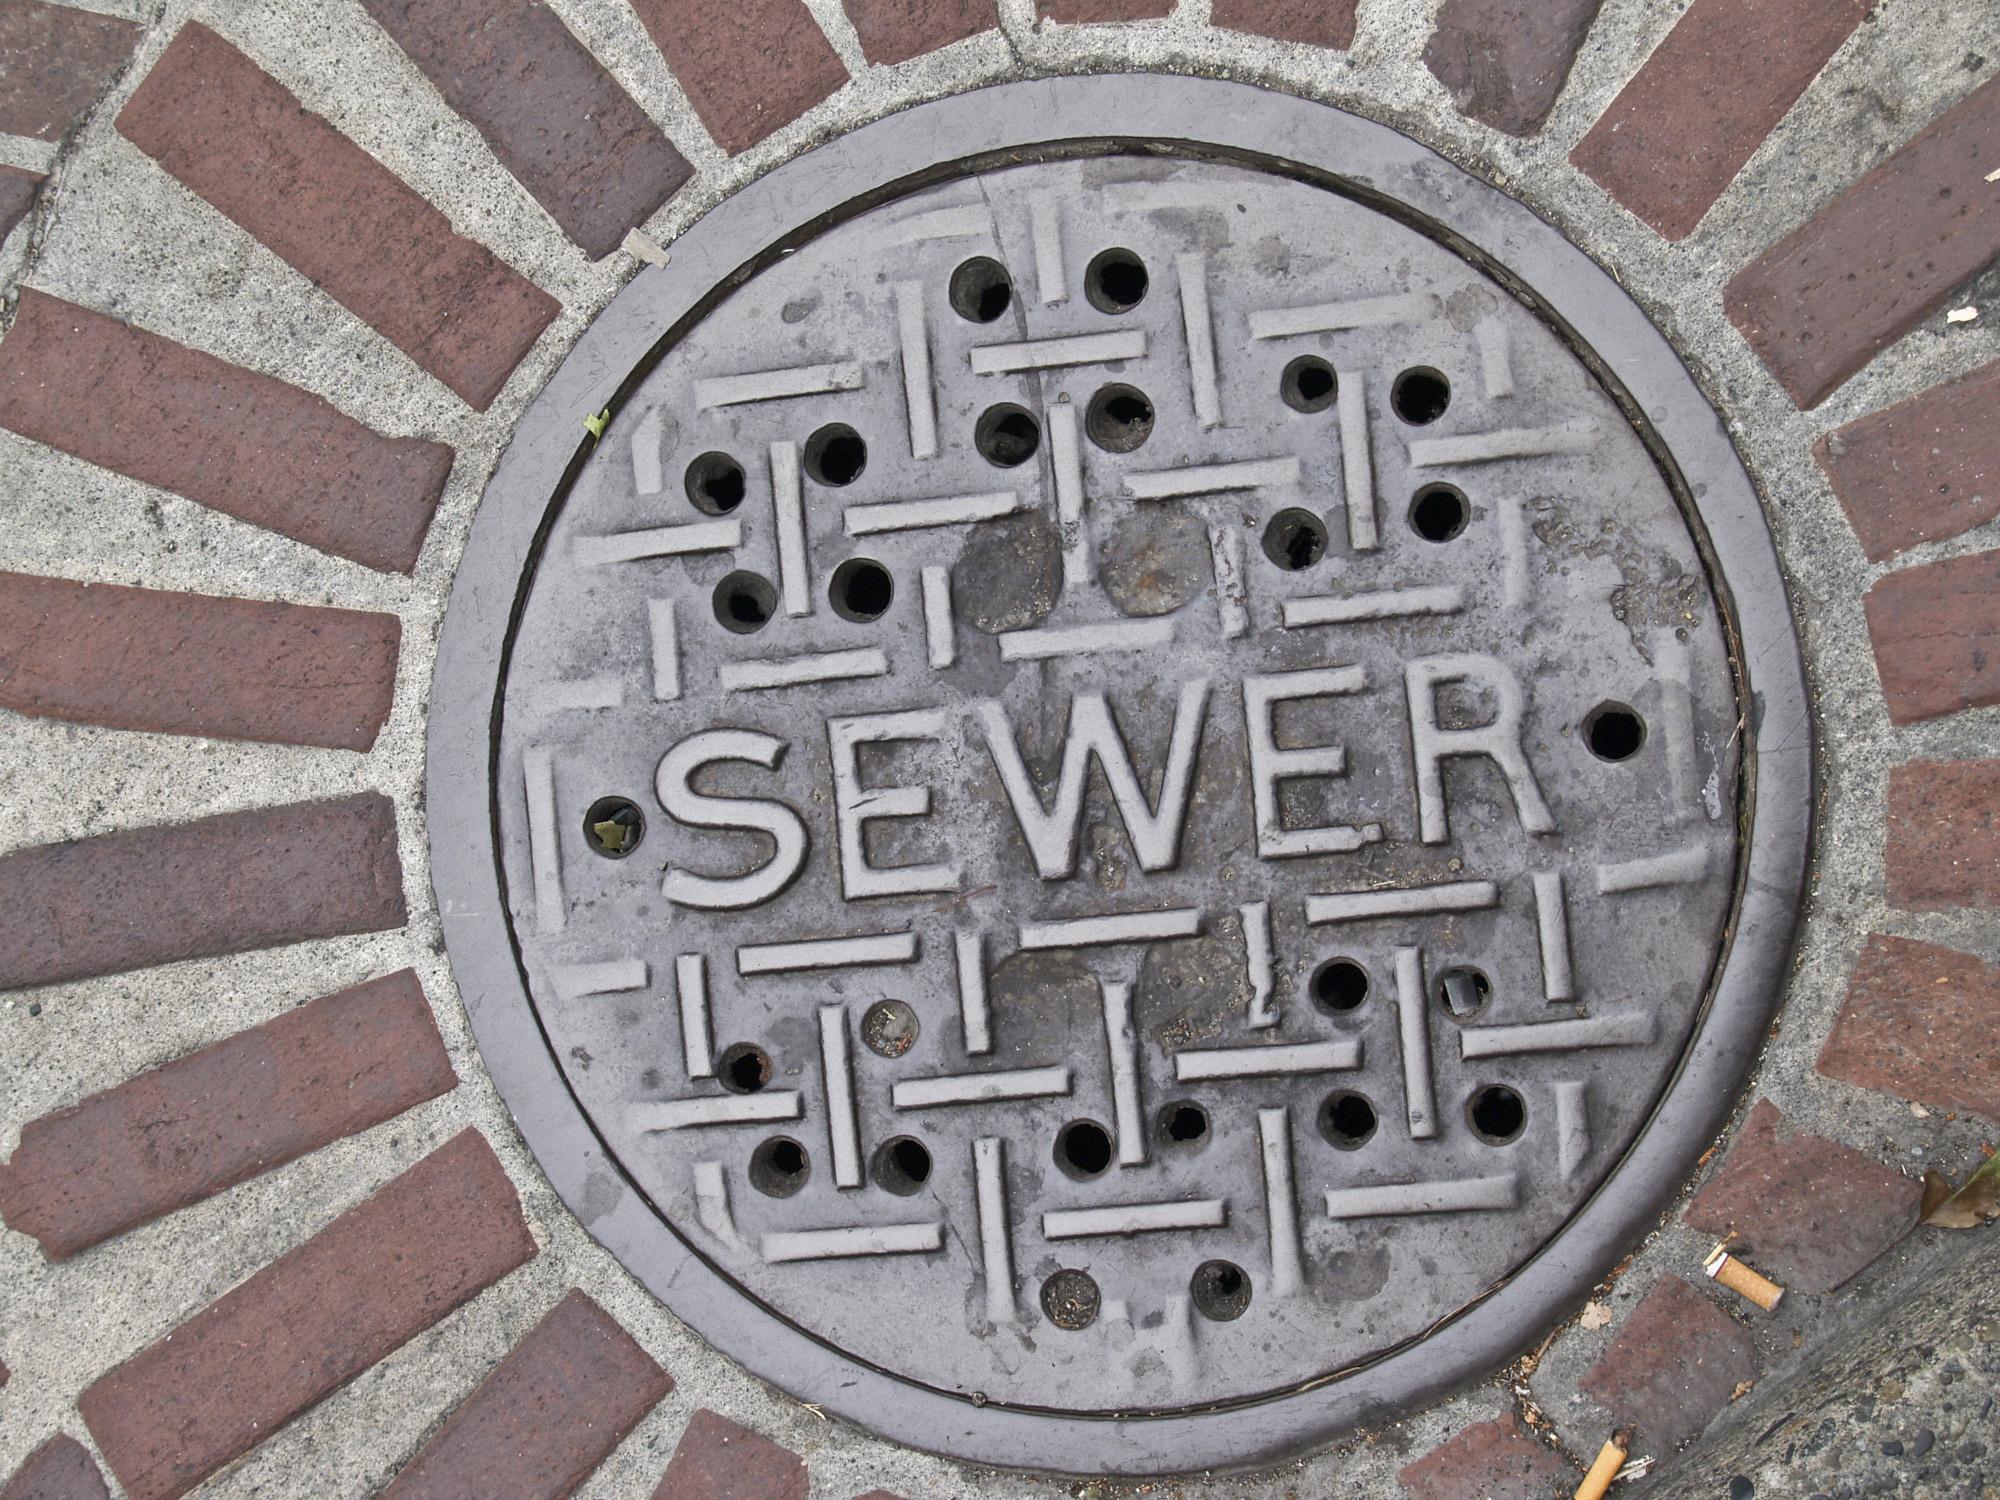 Sewage Back-Up Cleanup